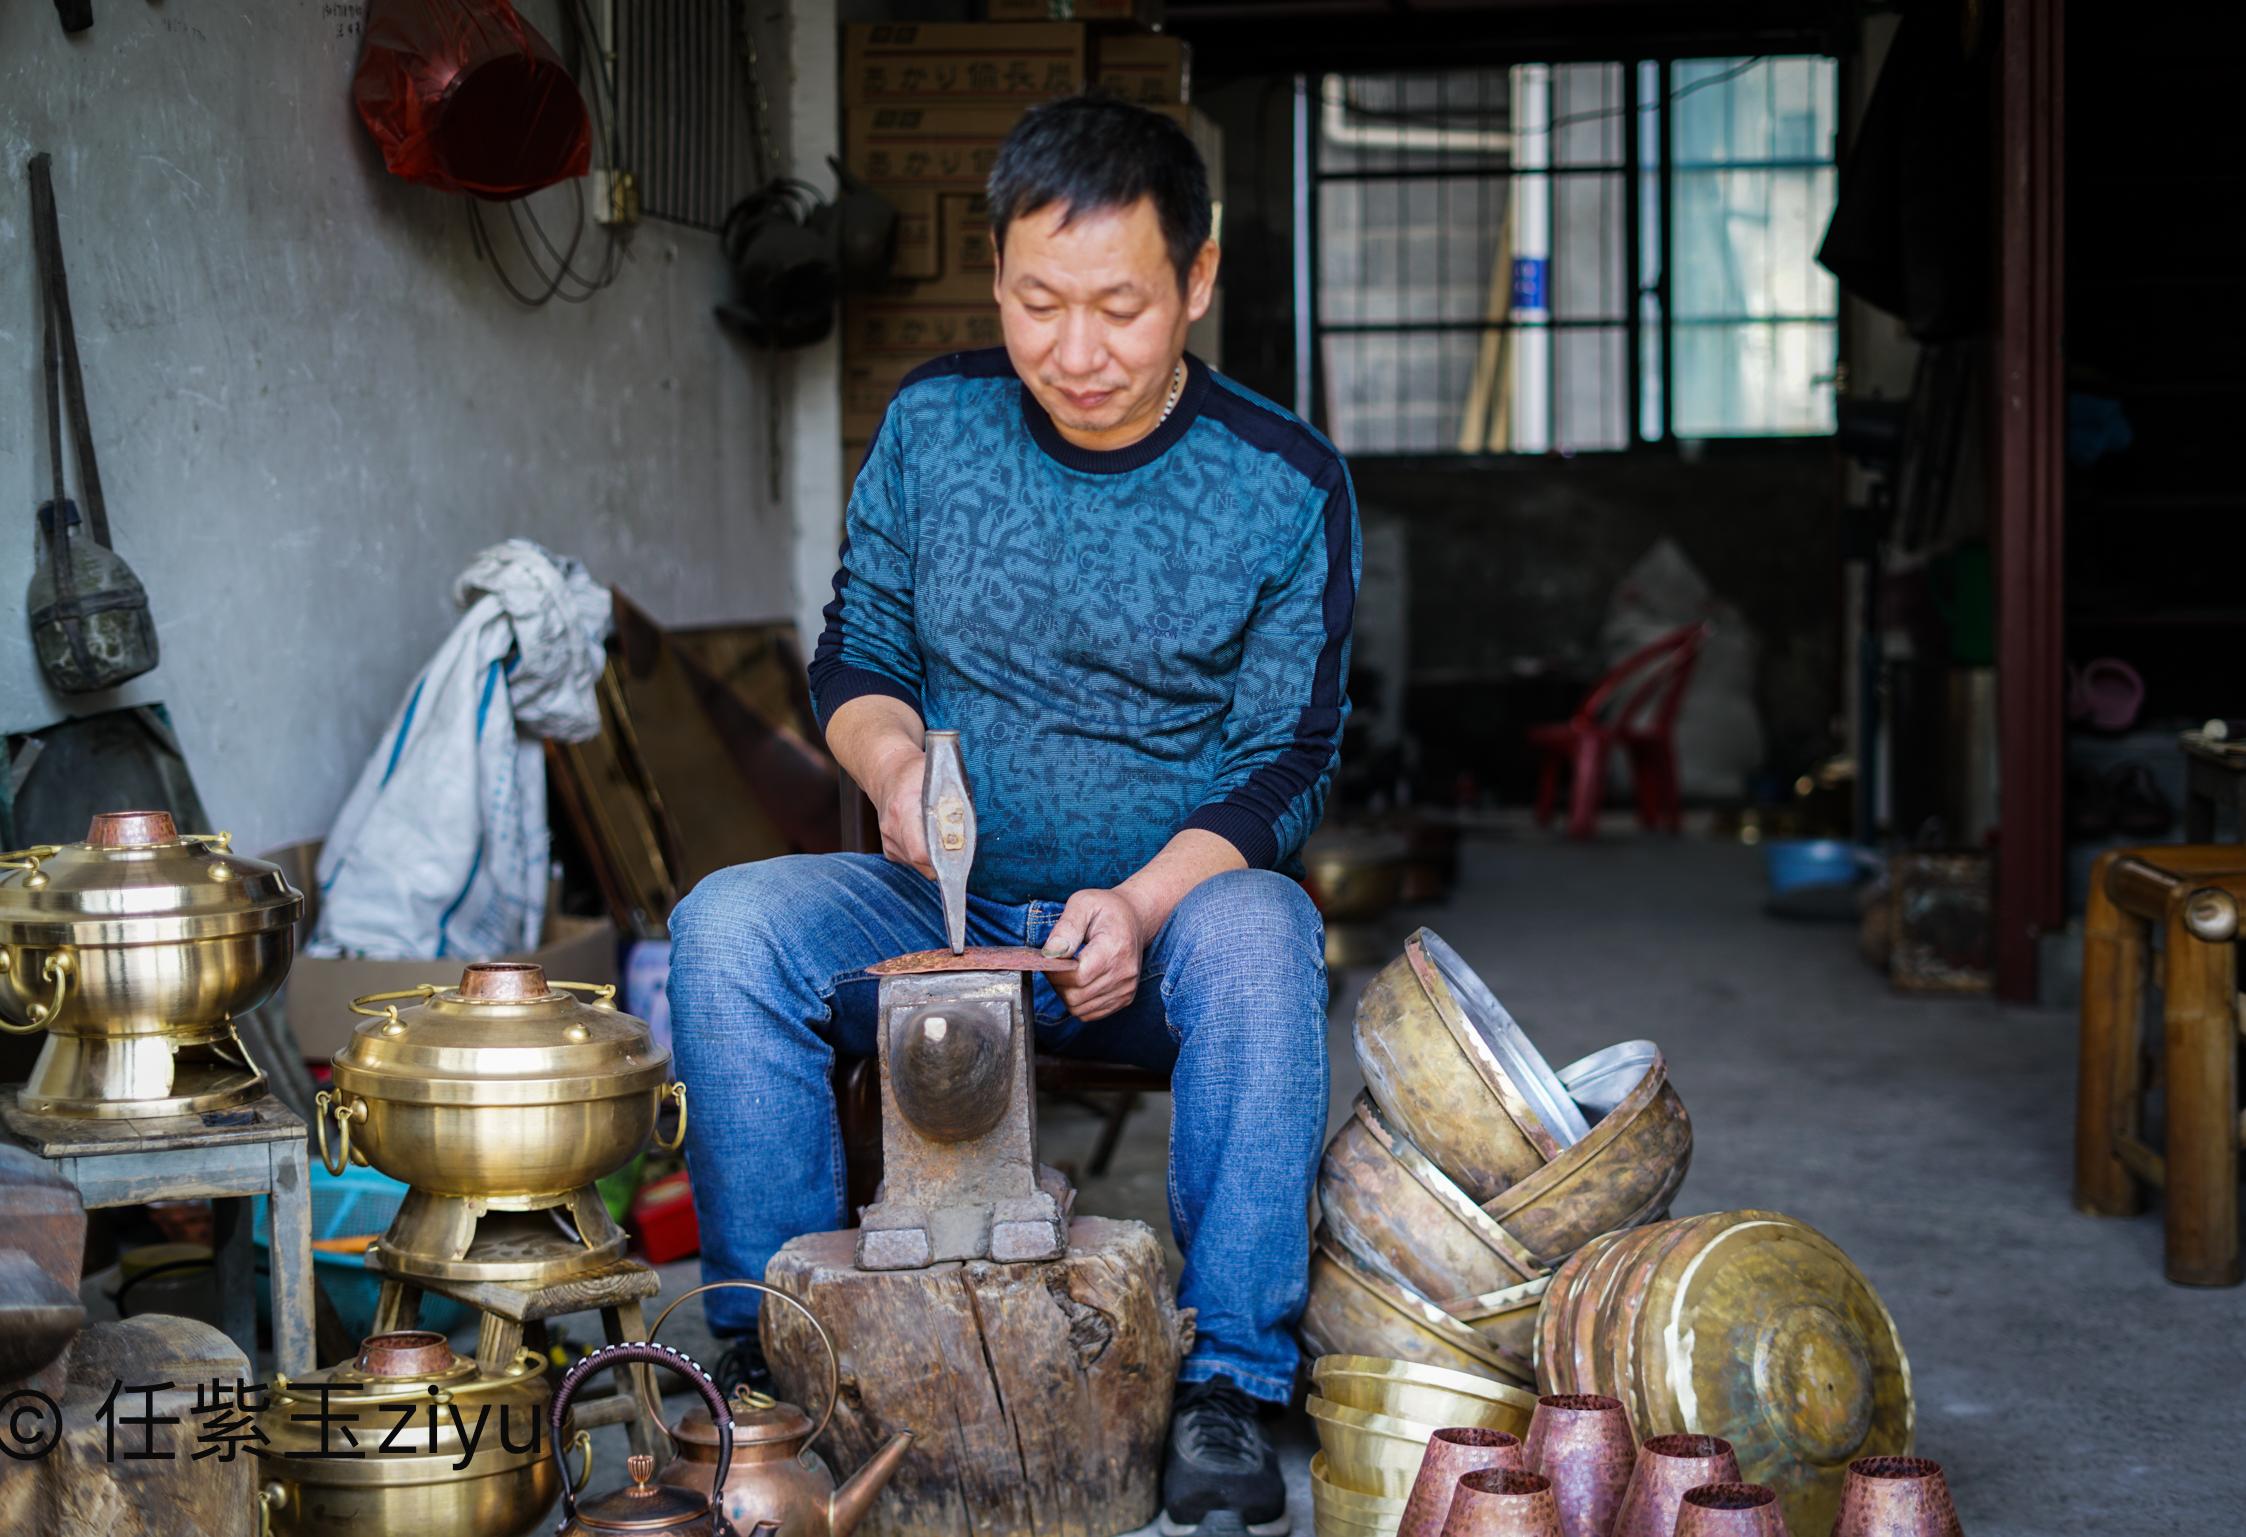 近两千元一只的临岐暖碗,老匠人谋生的手艺,浙江临岐饮食文化的代表